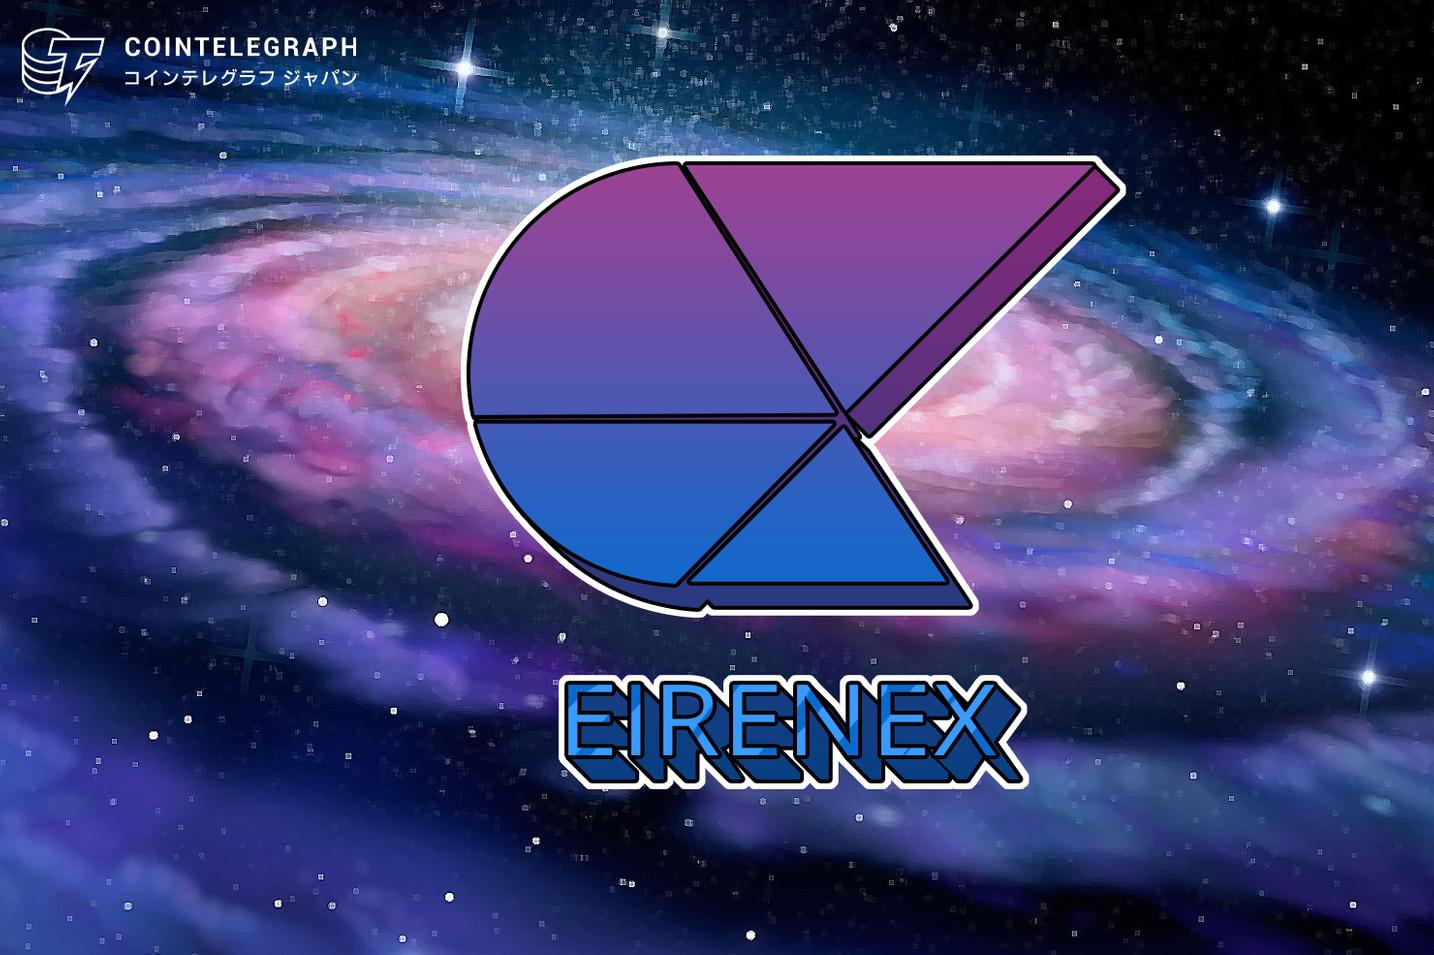 マカオ本社の仮想通貨取引所Eirenex初のIEOが2時間15分で完売